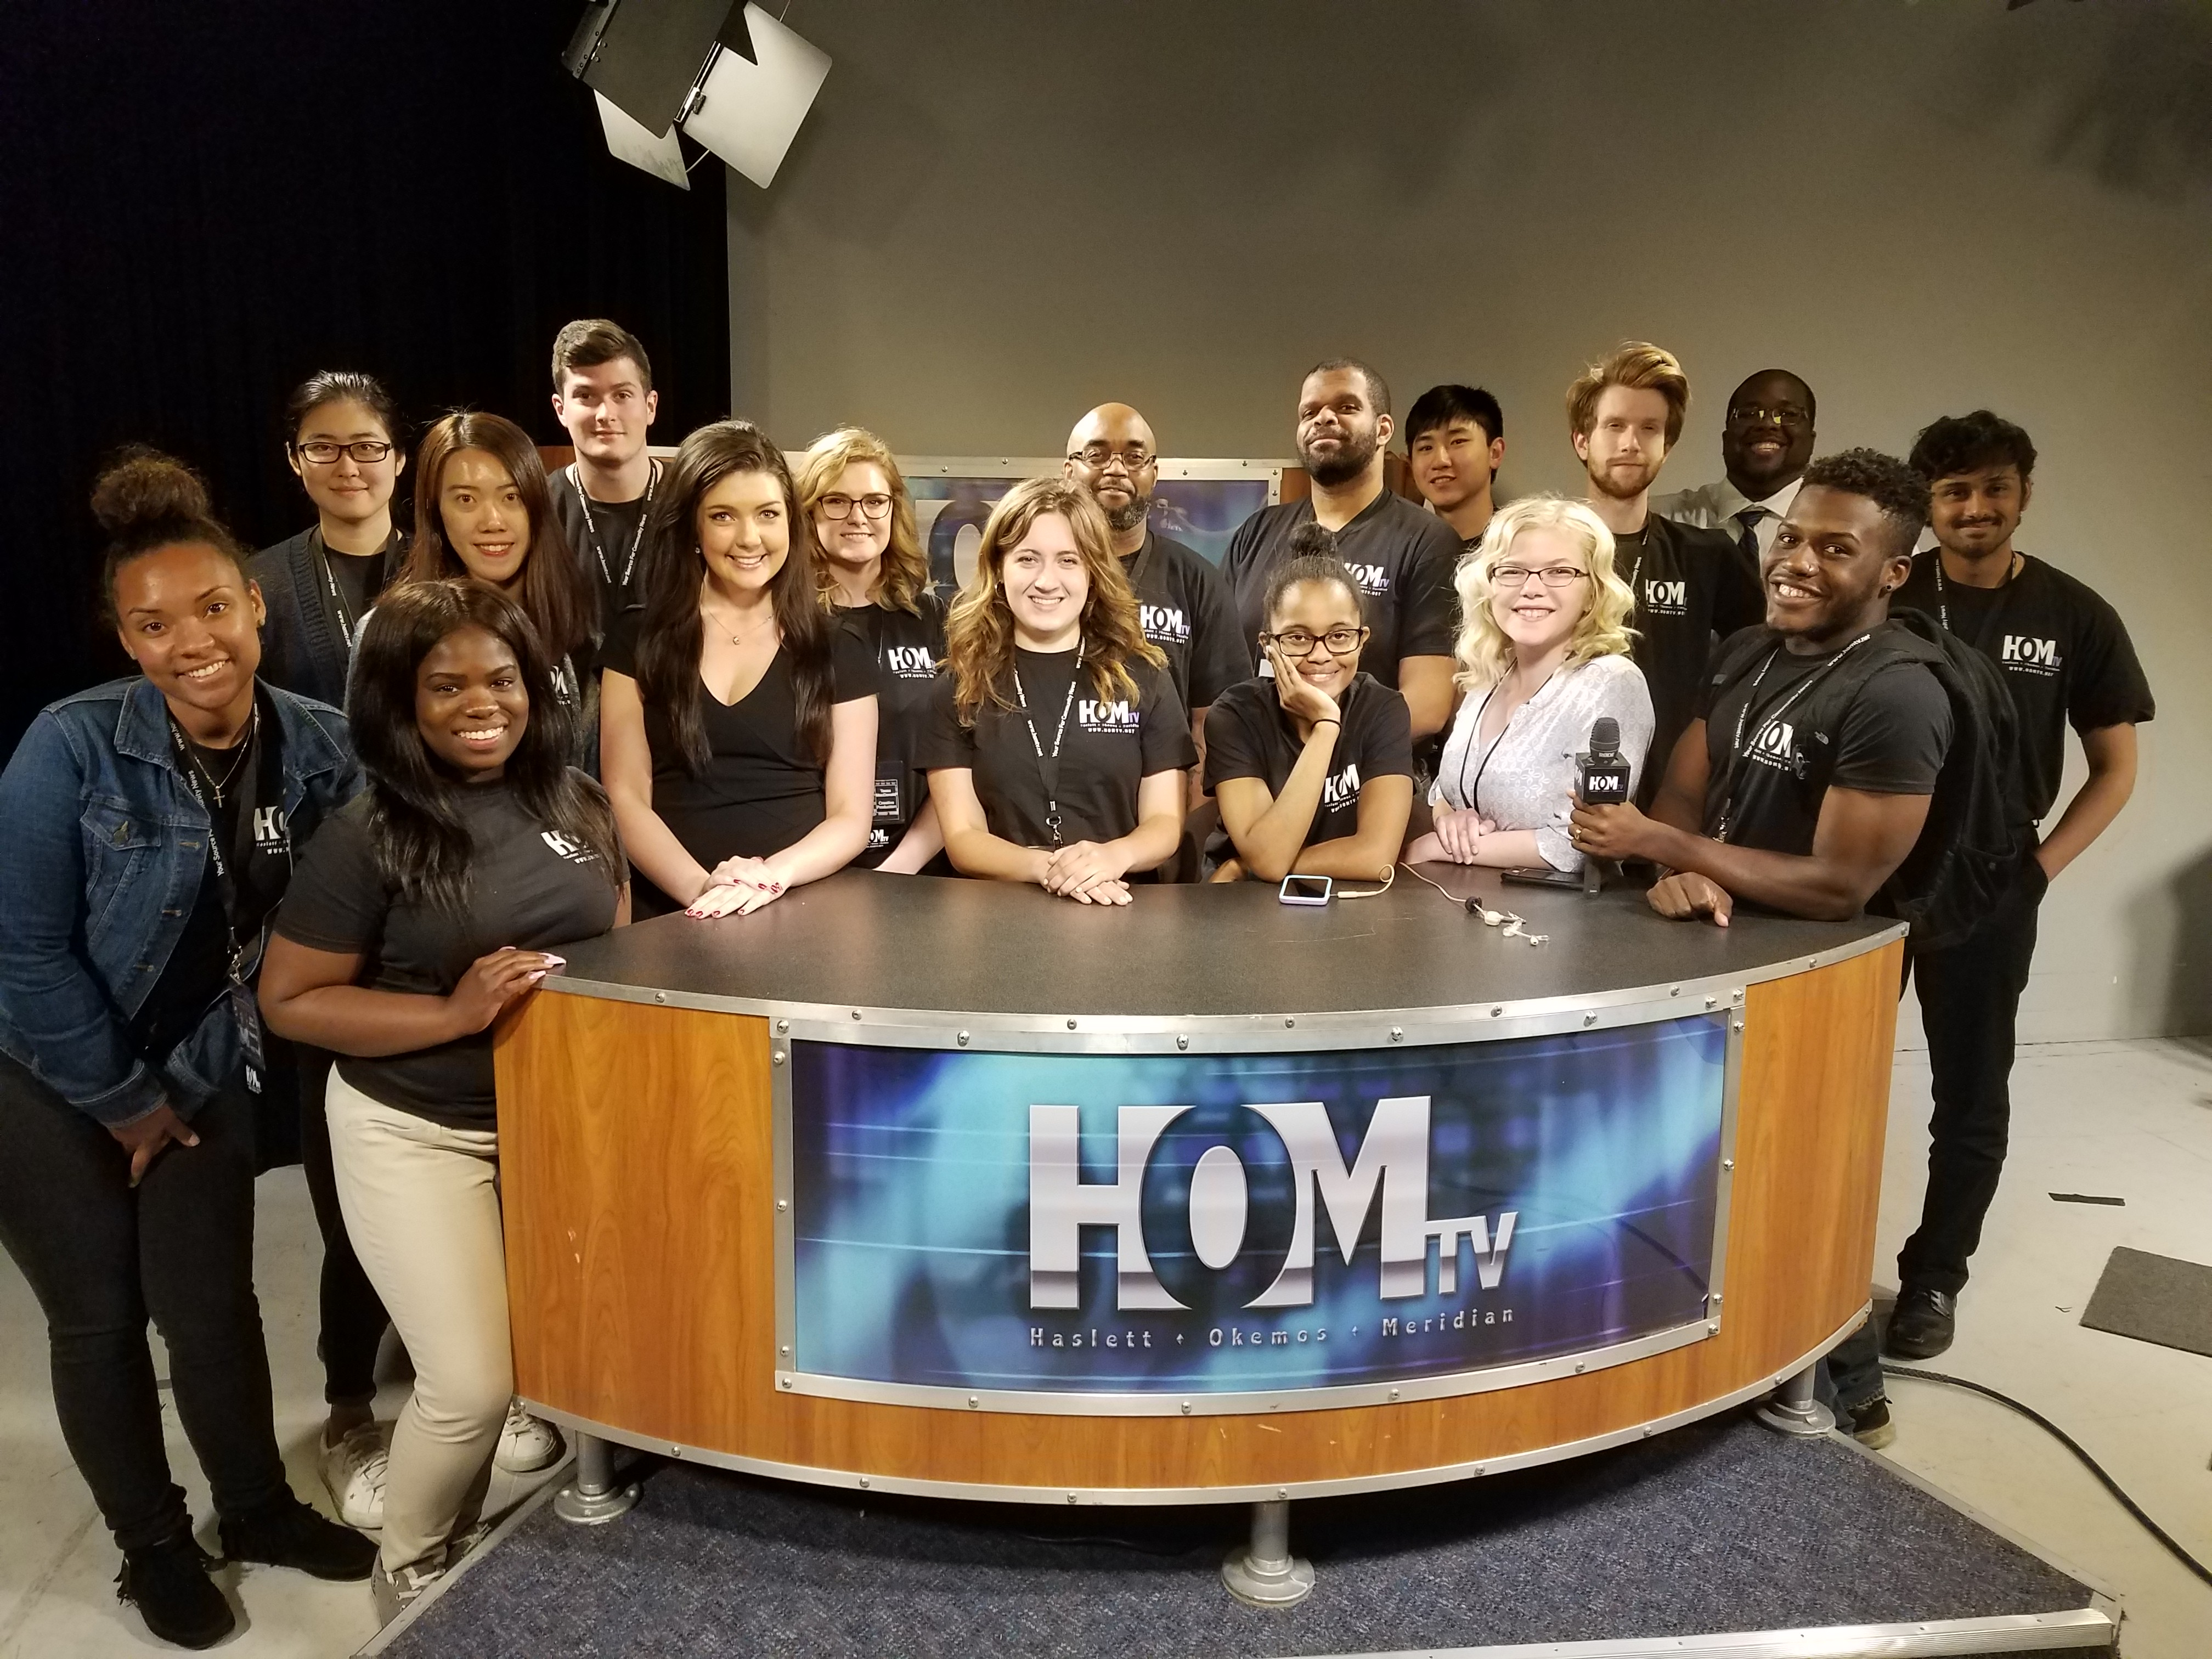 Start Your Media Career at HOMTV